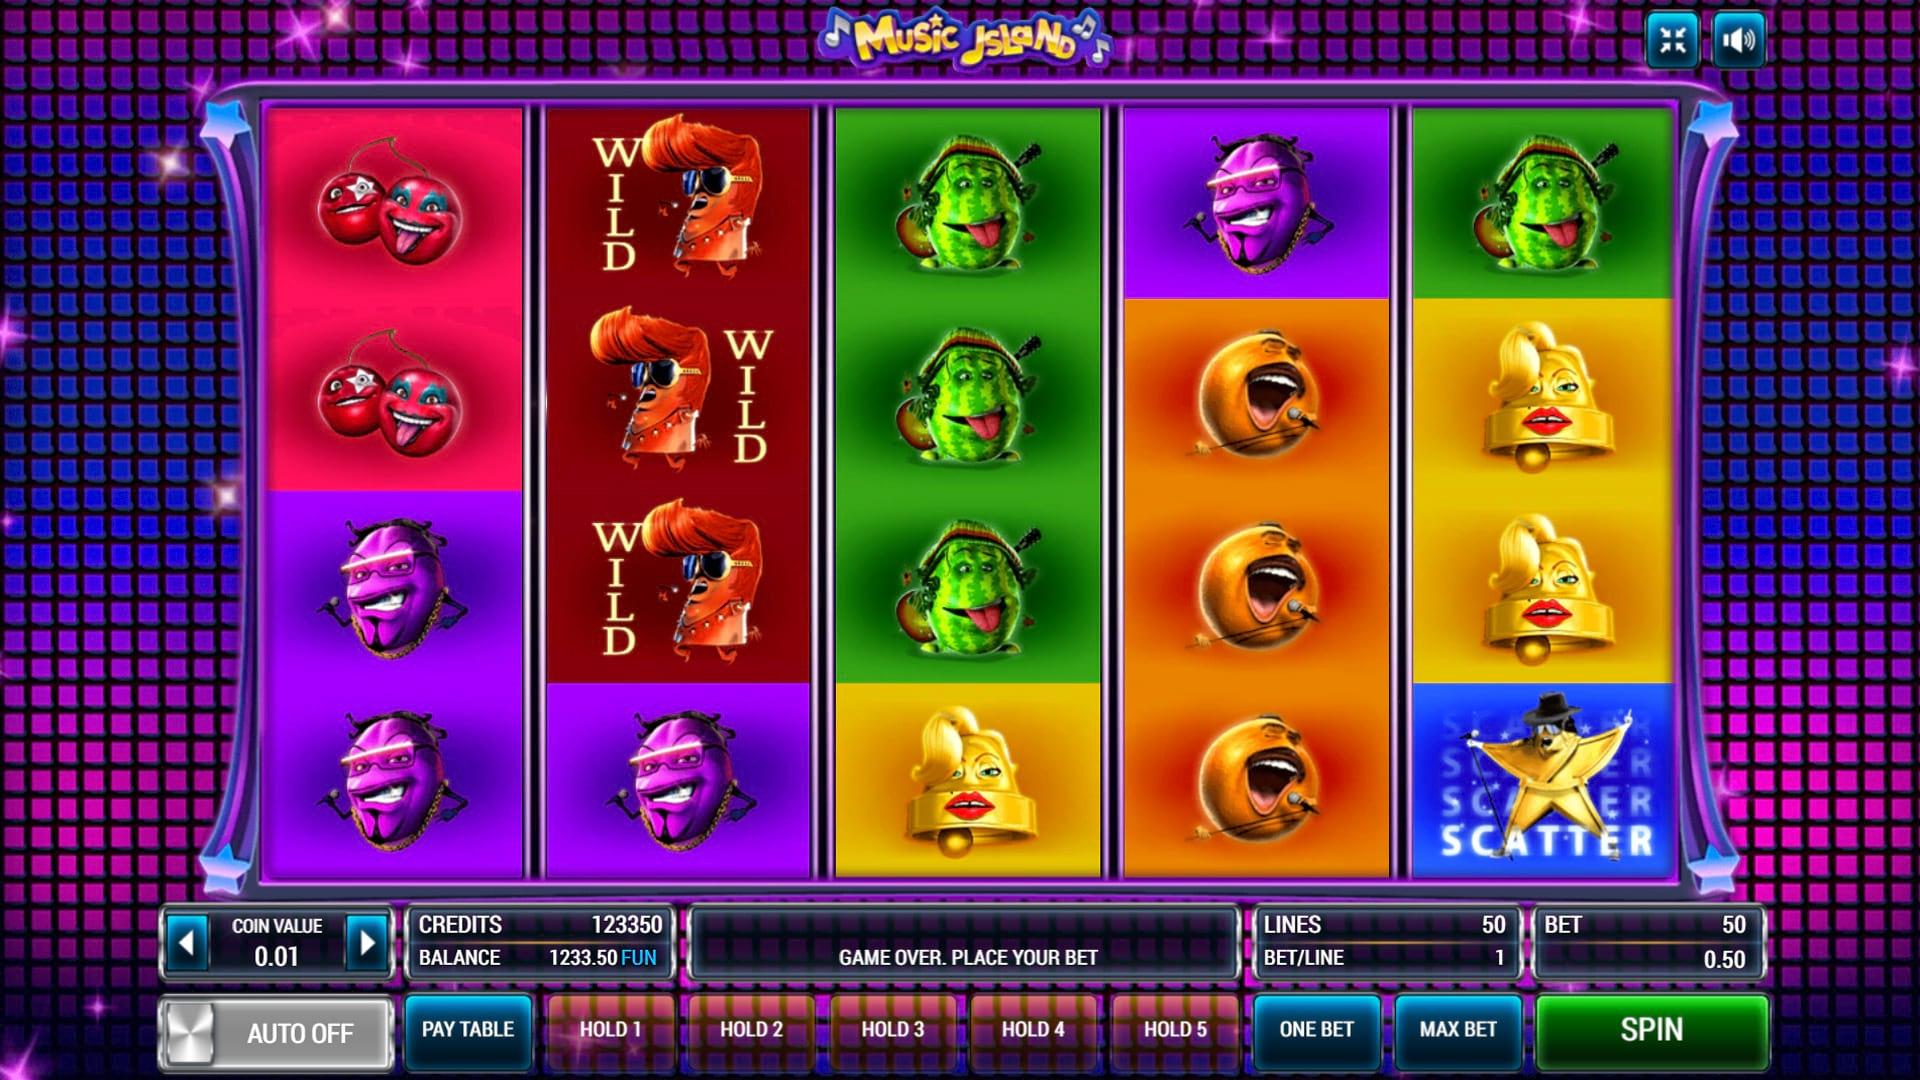 Изображение игрового автомата Music Island 2